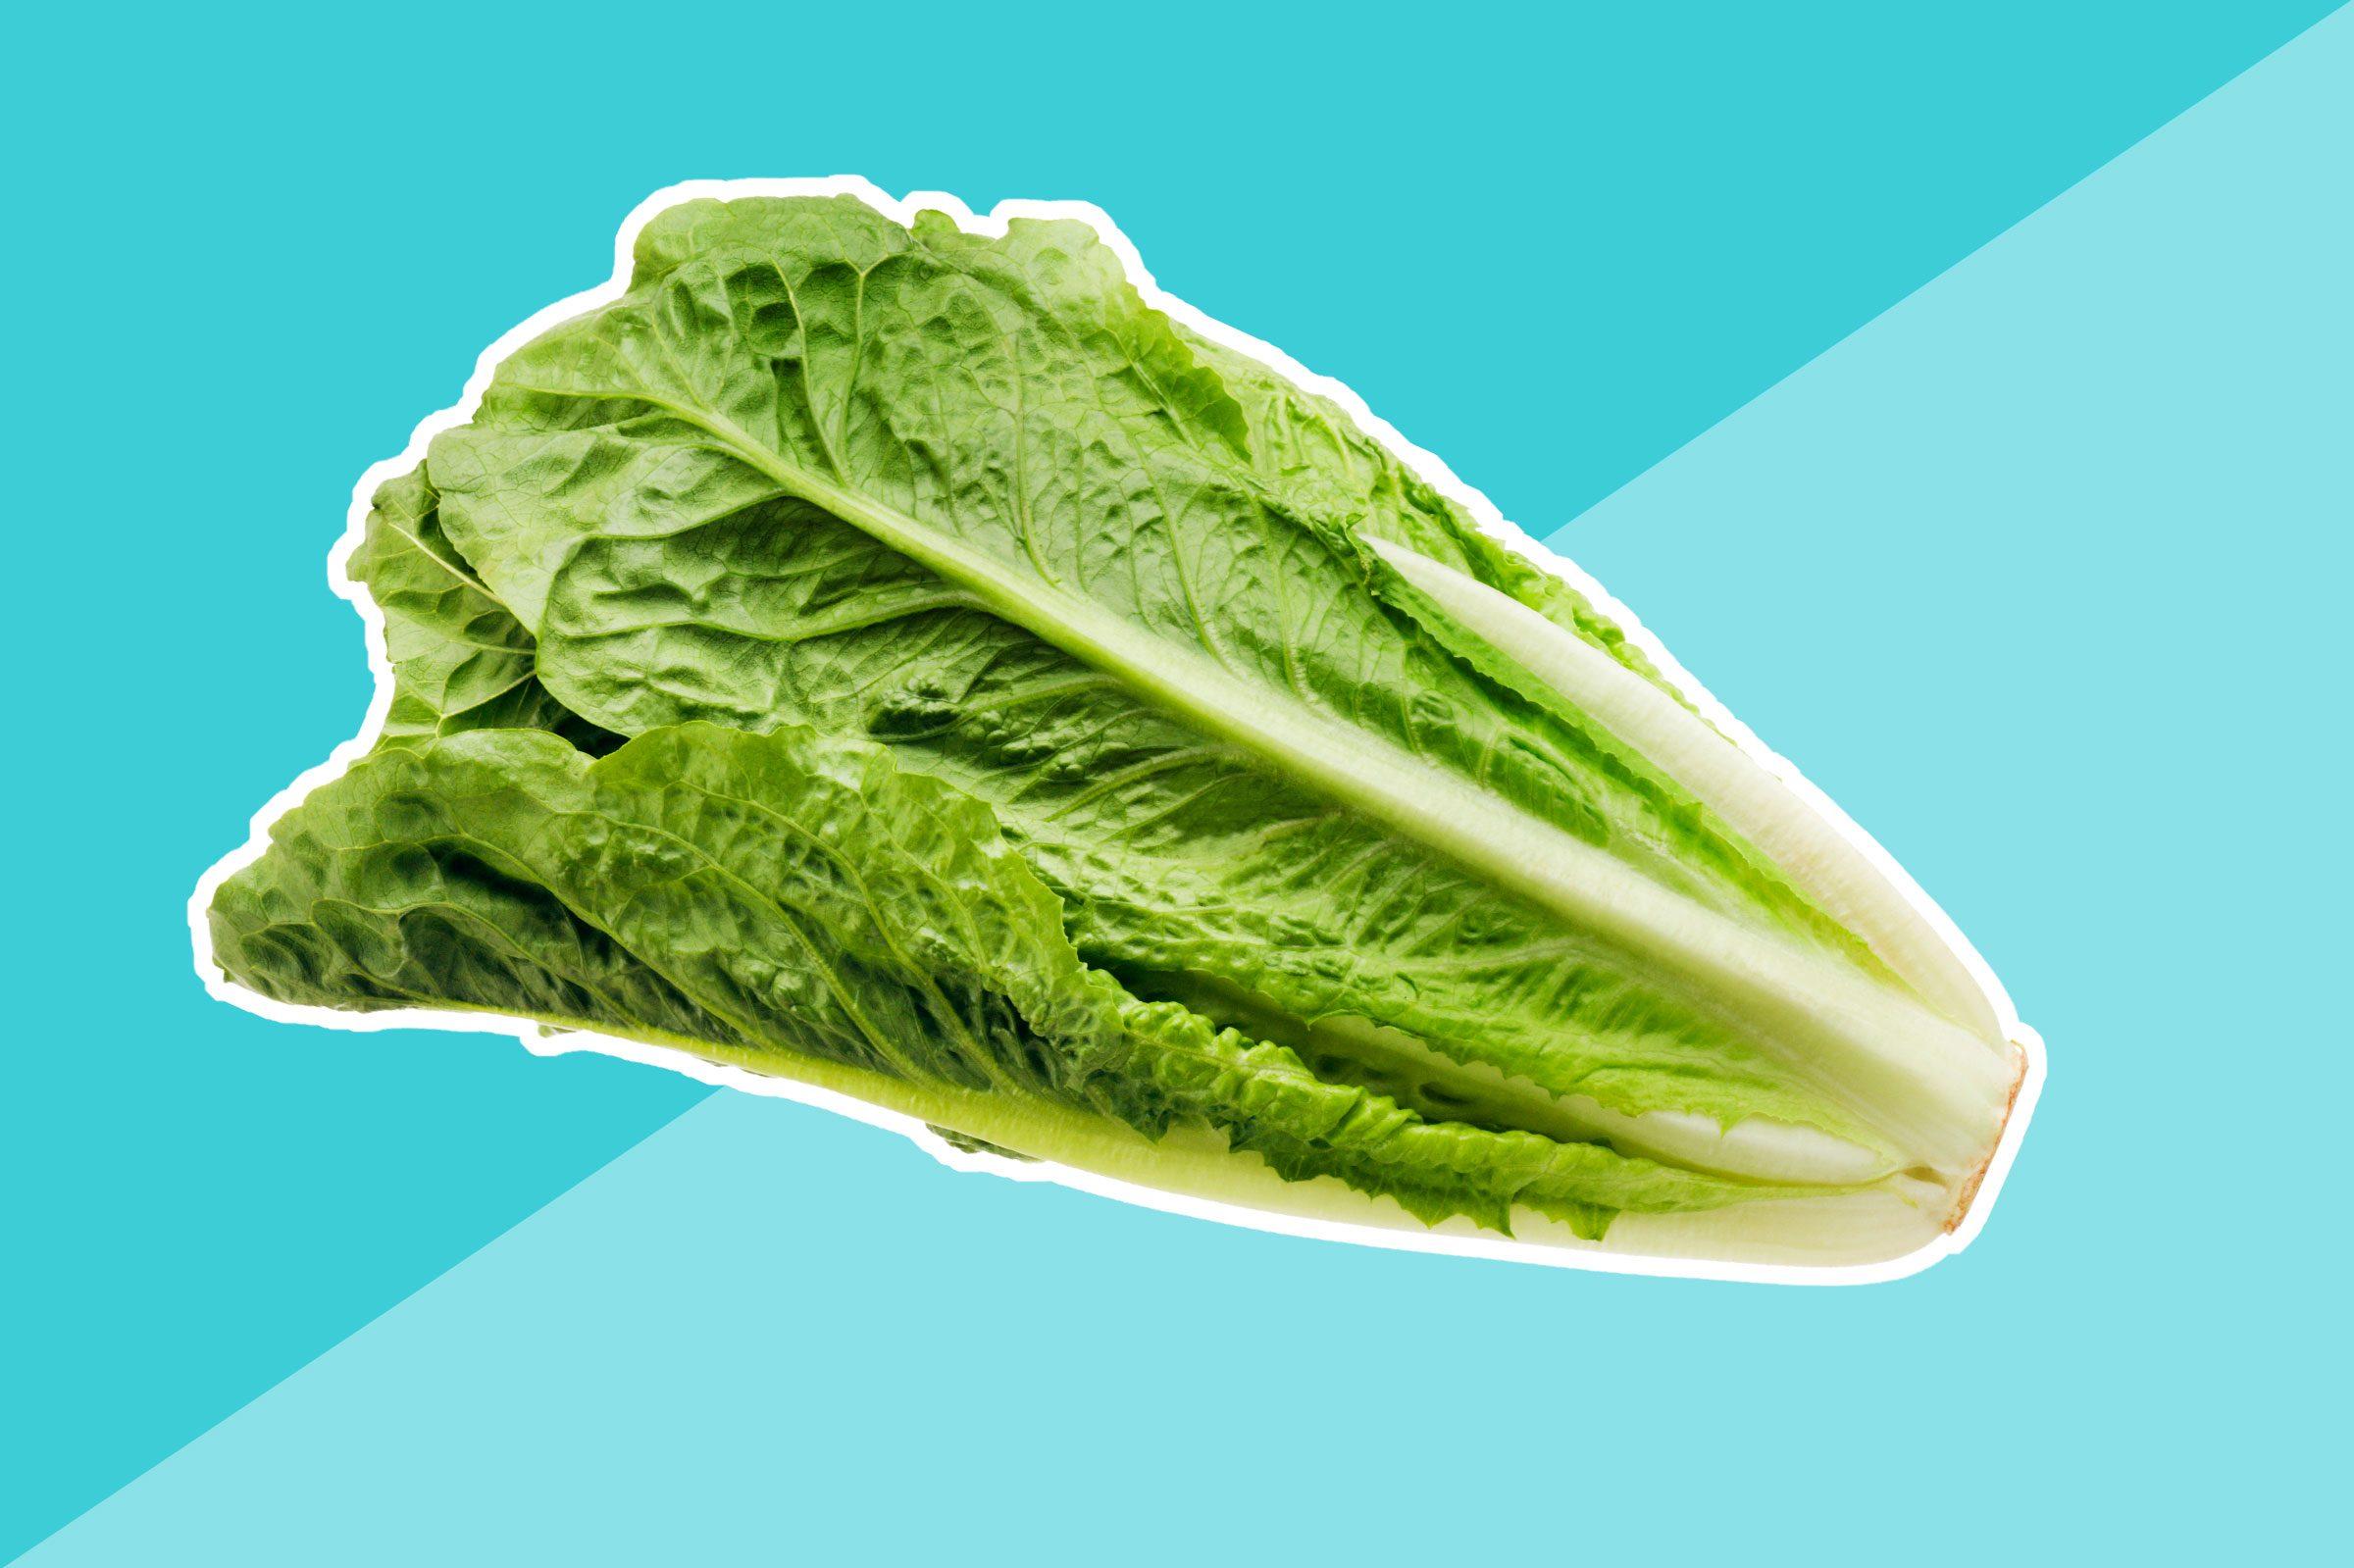 2. Romaine lettuce